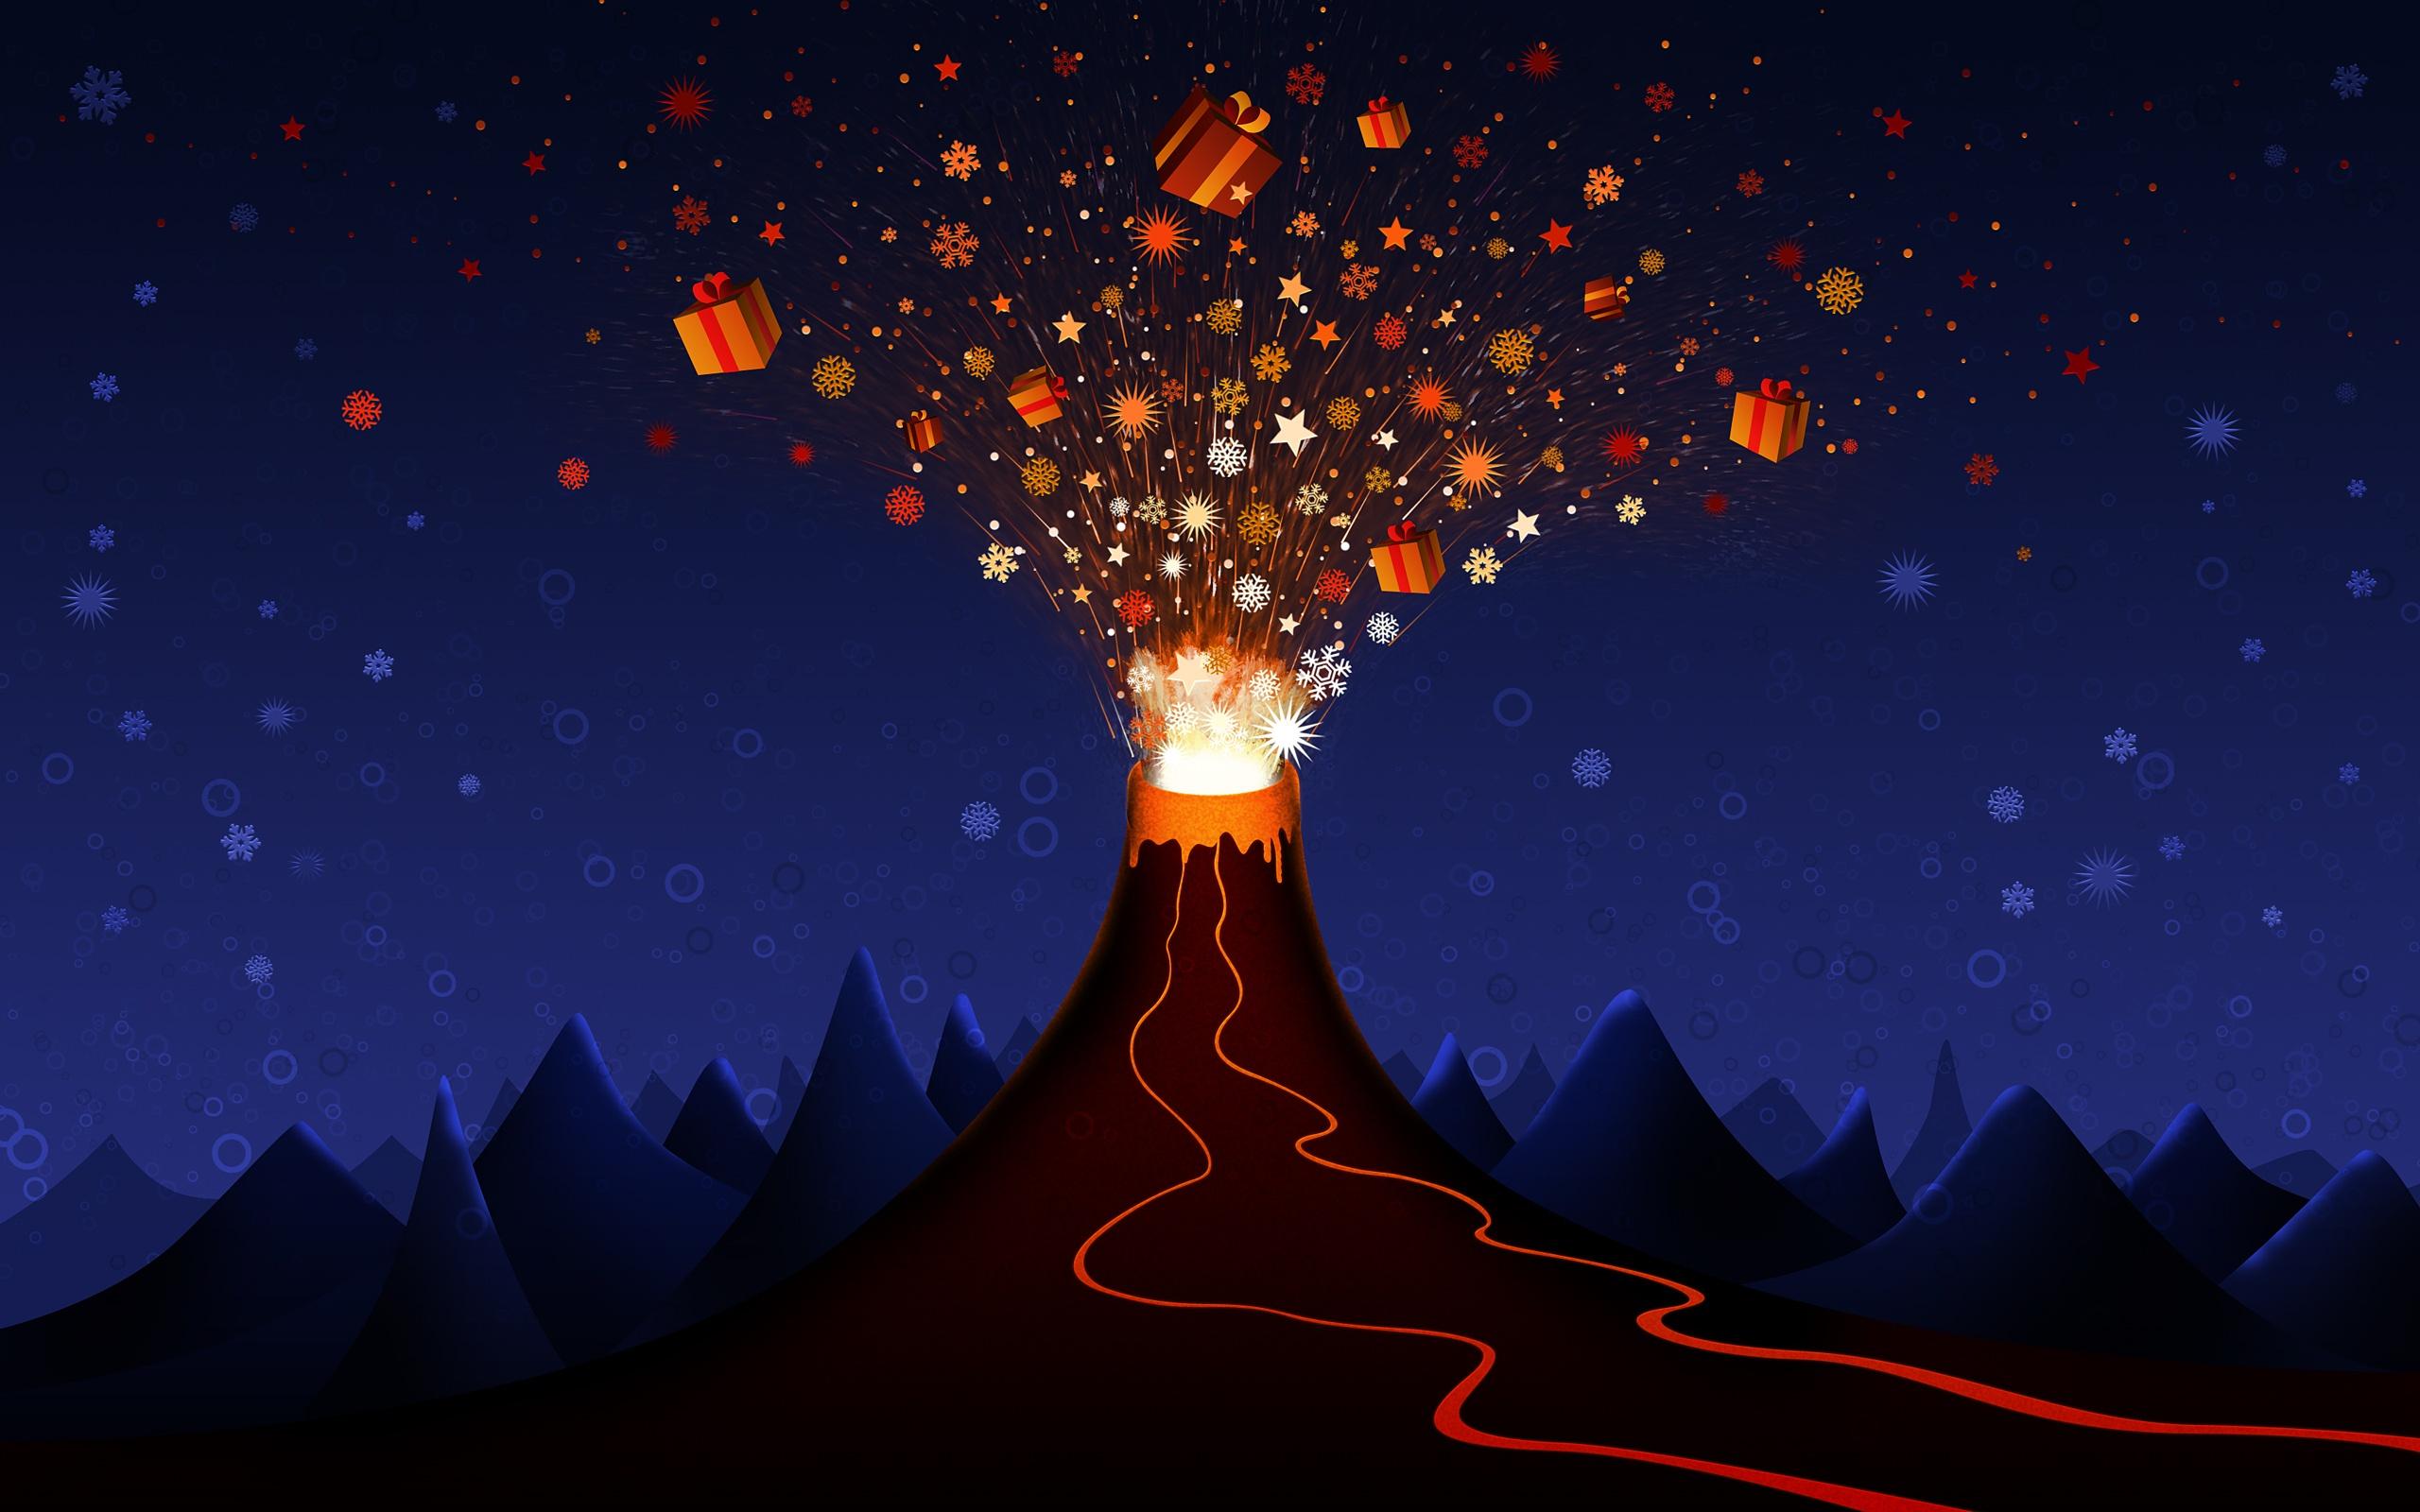 Popular Wallpaper Night God - christmas_volcano_3982  Snapshot-928575.jpg